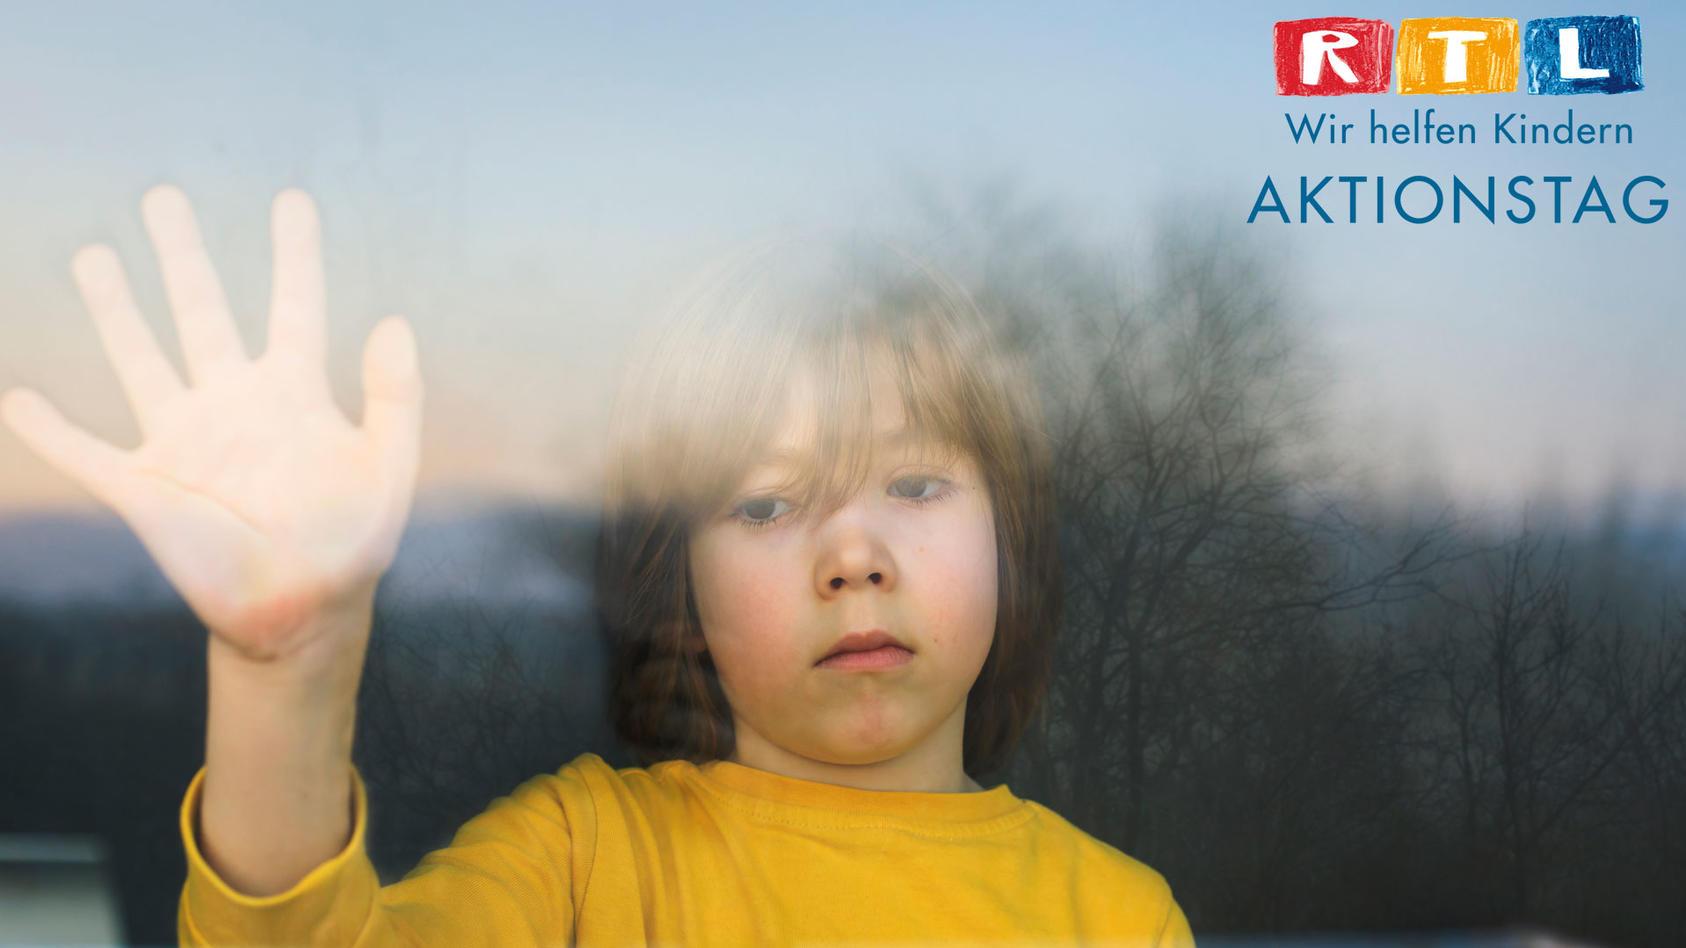 experte-schlagt-alarm-kinder-sind-die-kranken-der-zukunft